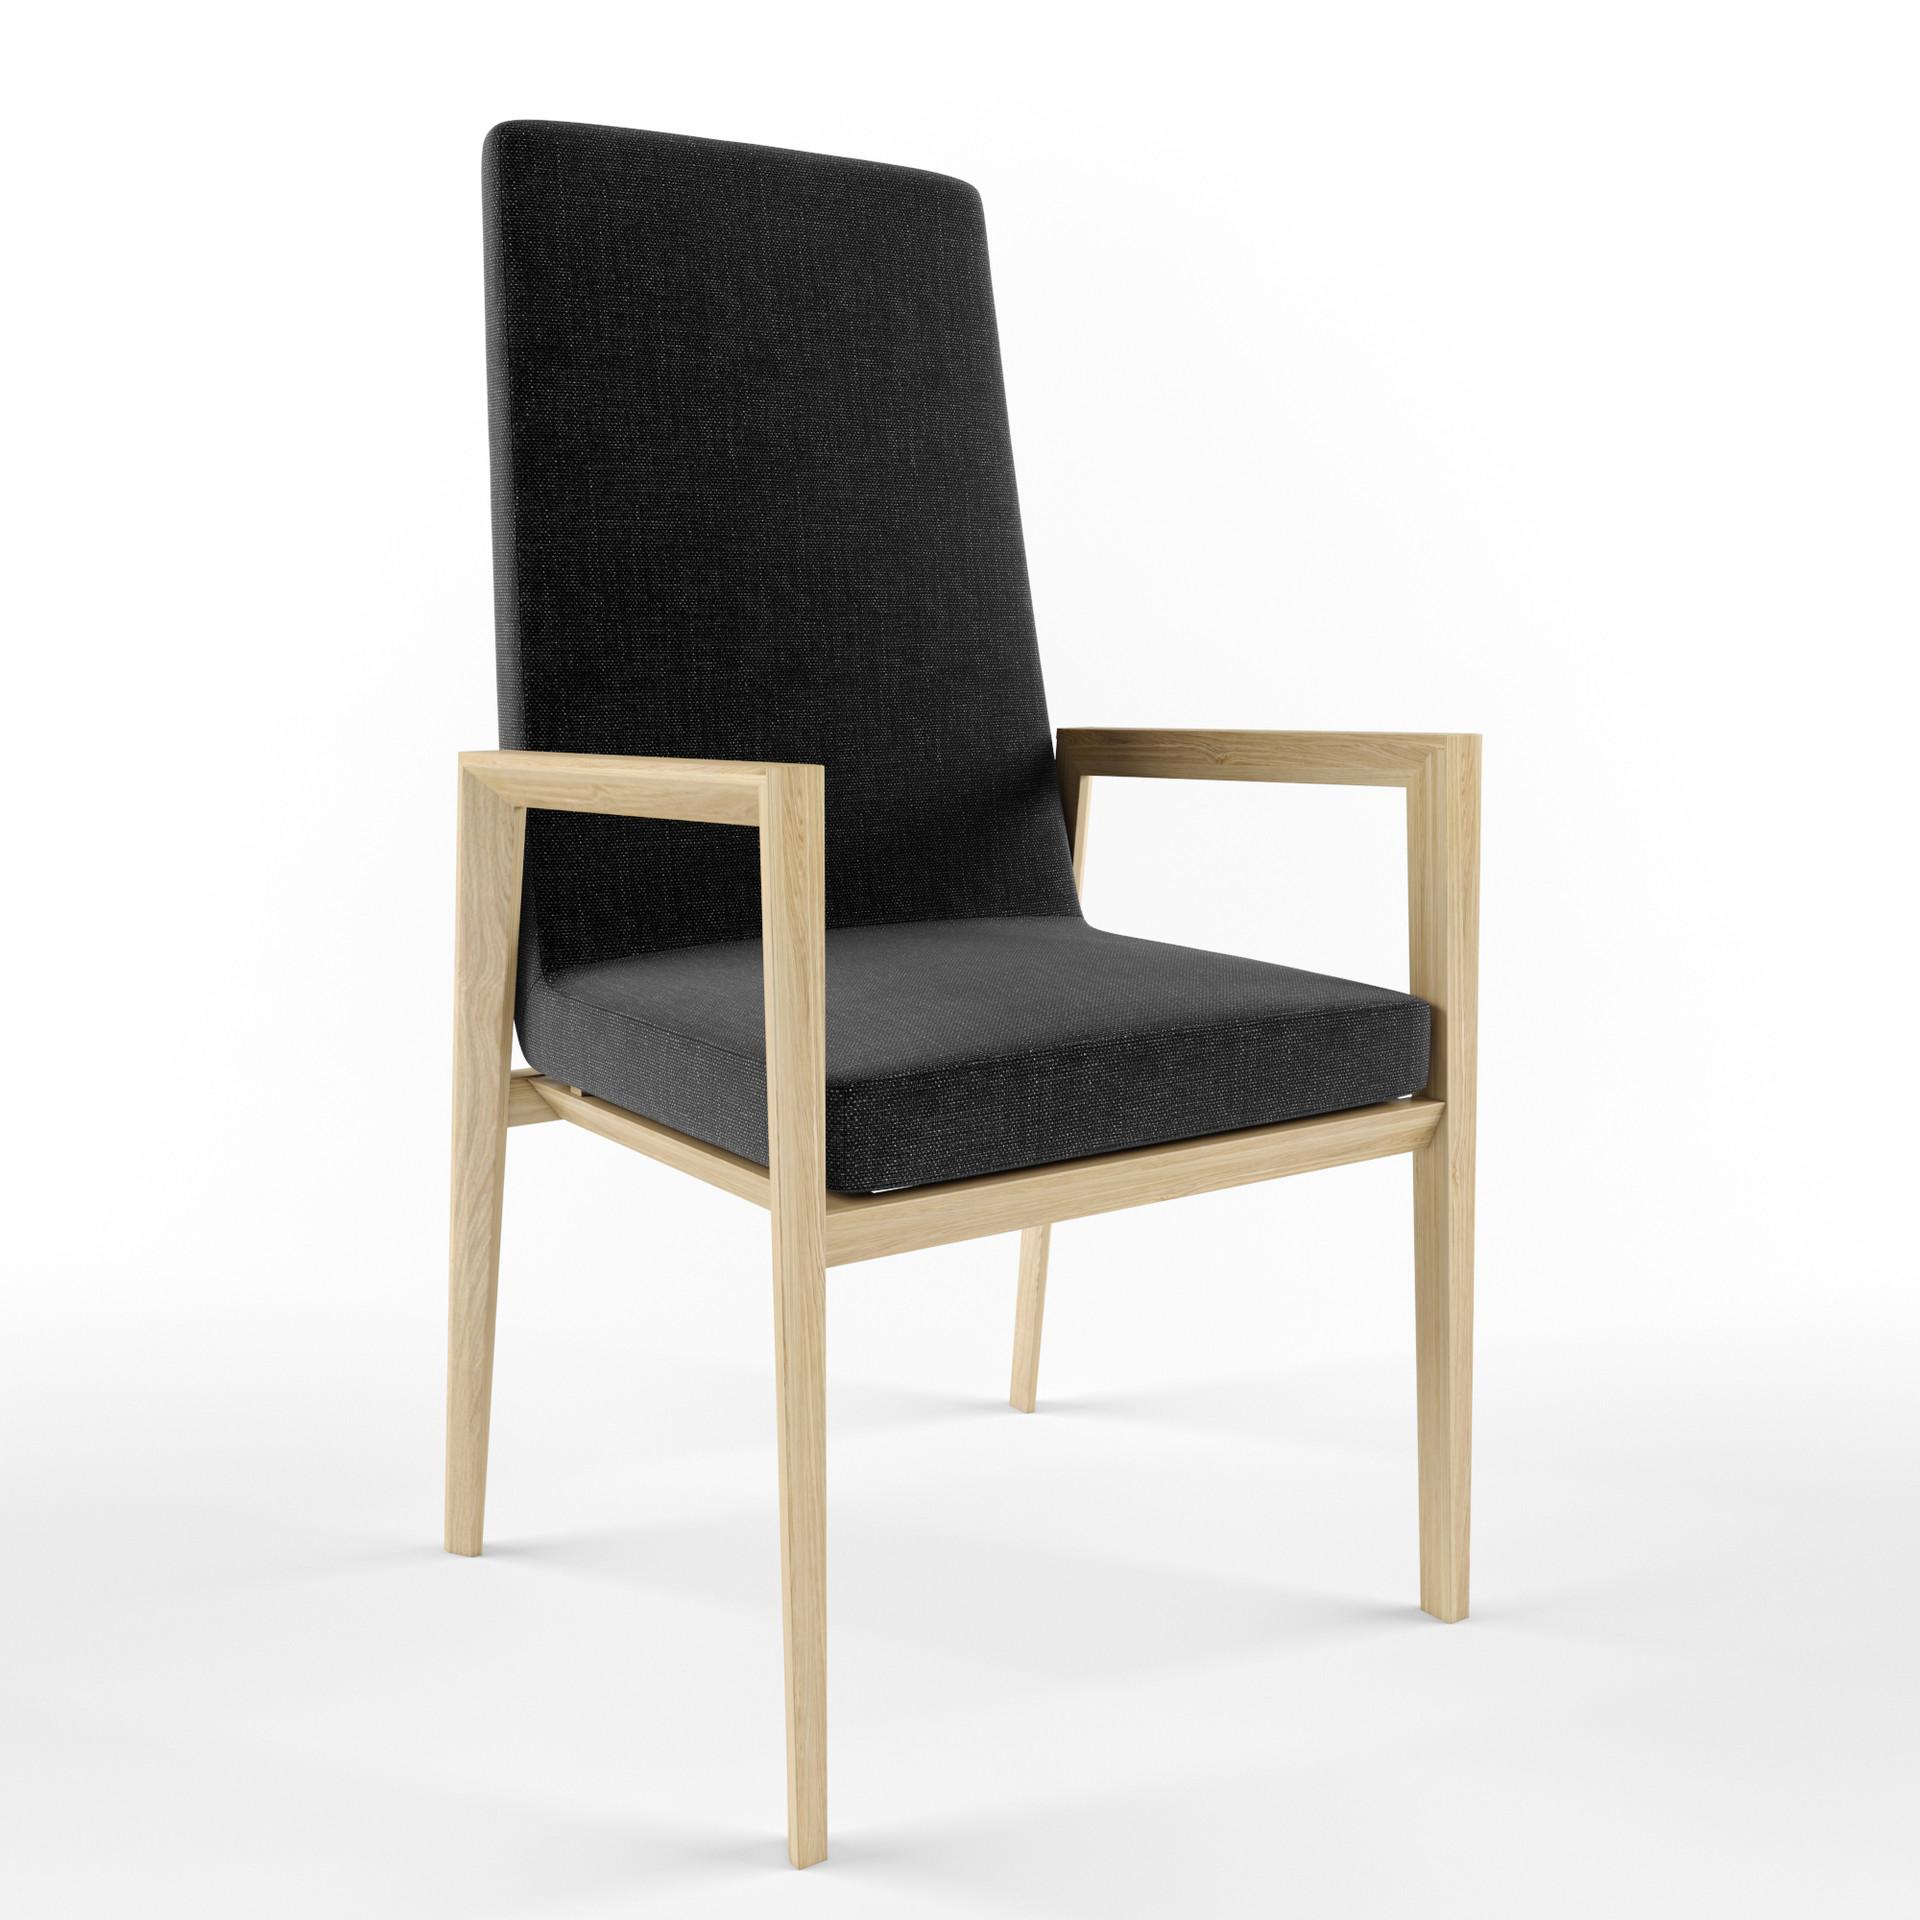 Pawel oleskow wizualizacja krzesla 2